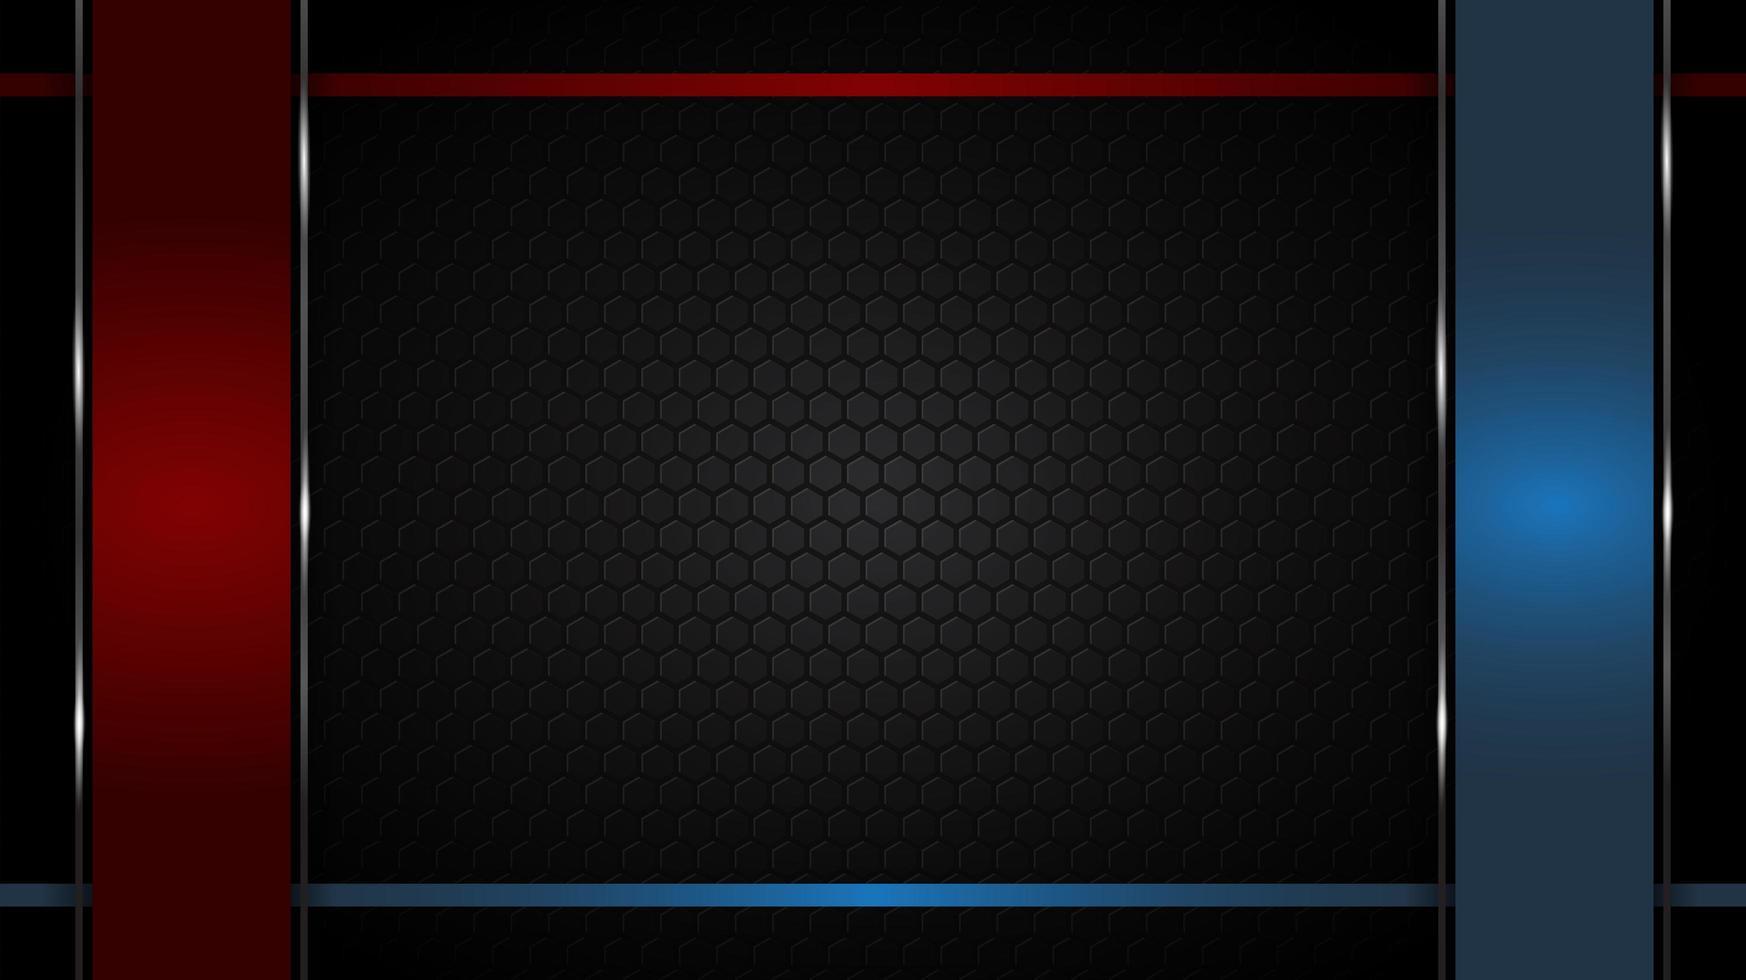 rote und blaue glänzende Ränder auf schwarzem Sechseckmuster vektor